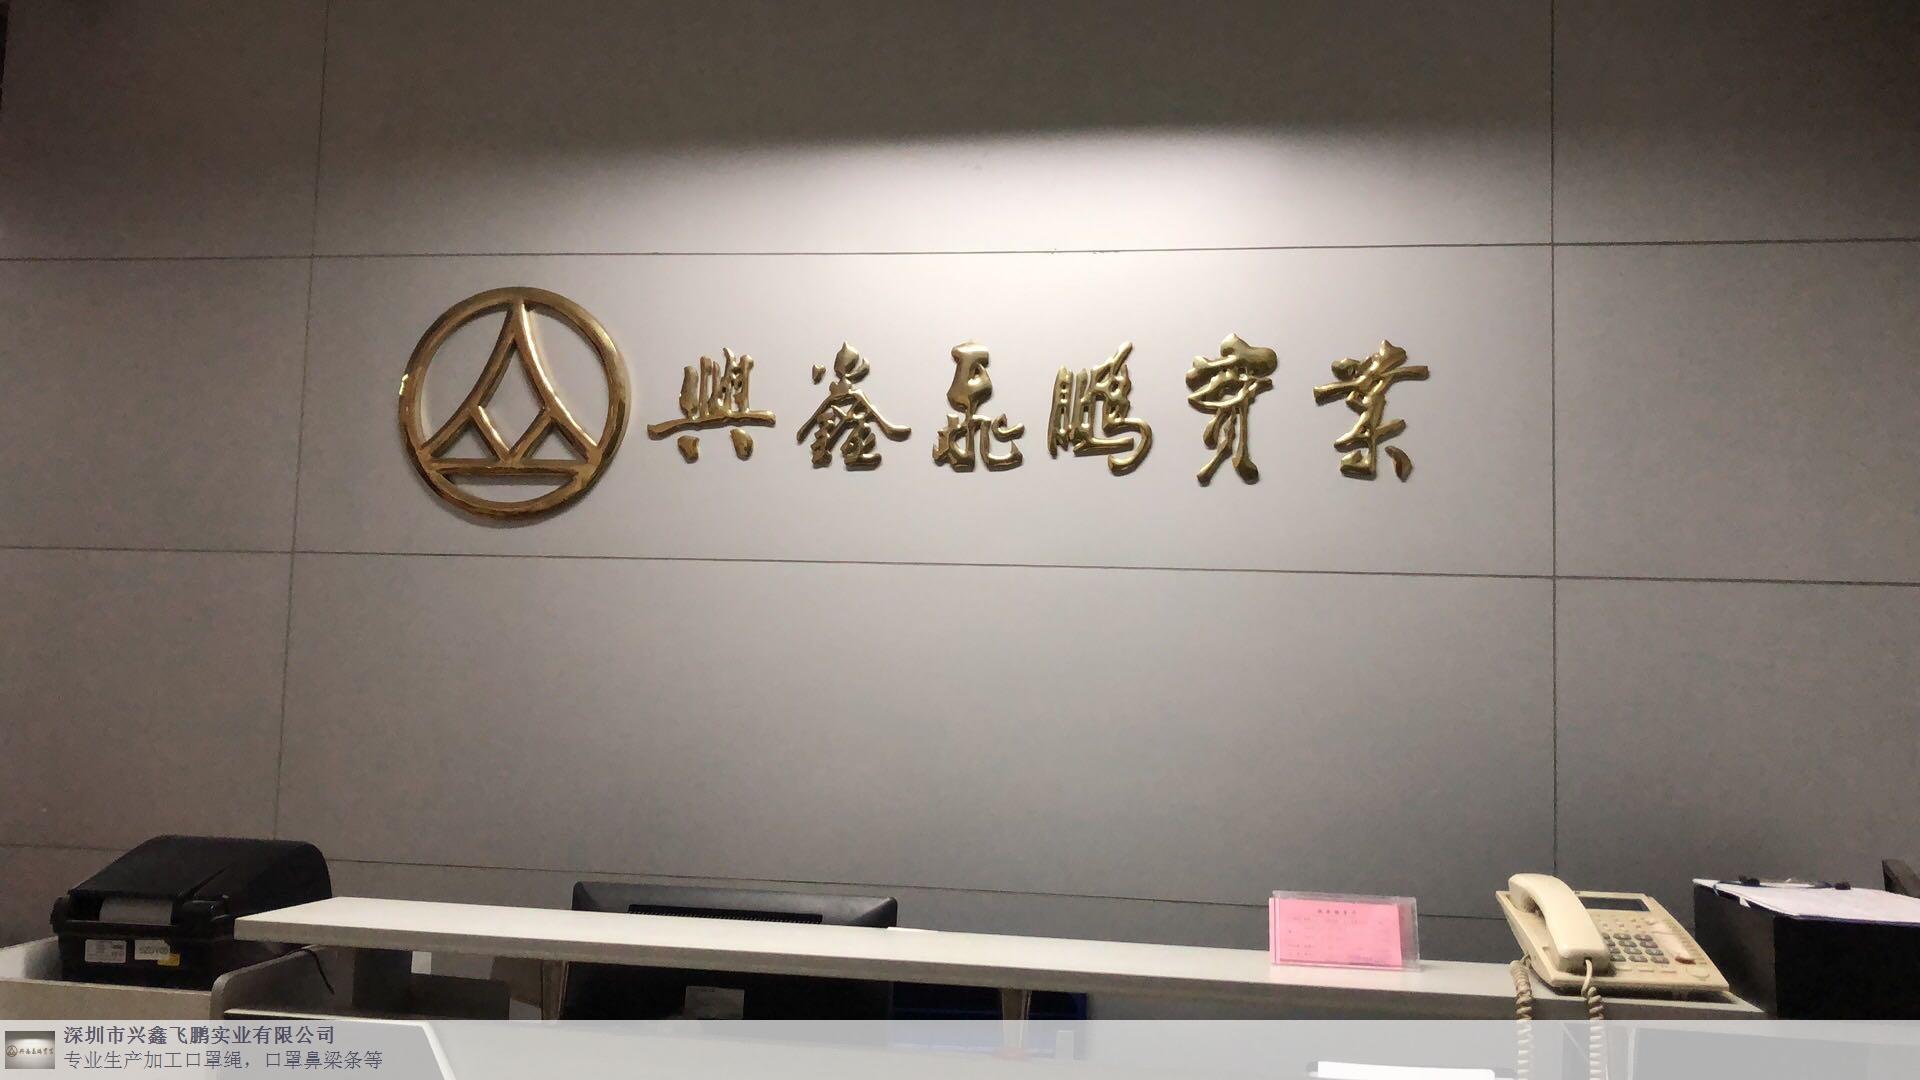 龙华通用鼻梁条哪家好「 深圳市兴鑫飞鹏实业供应」